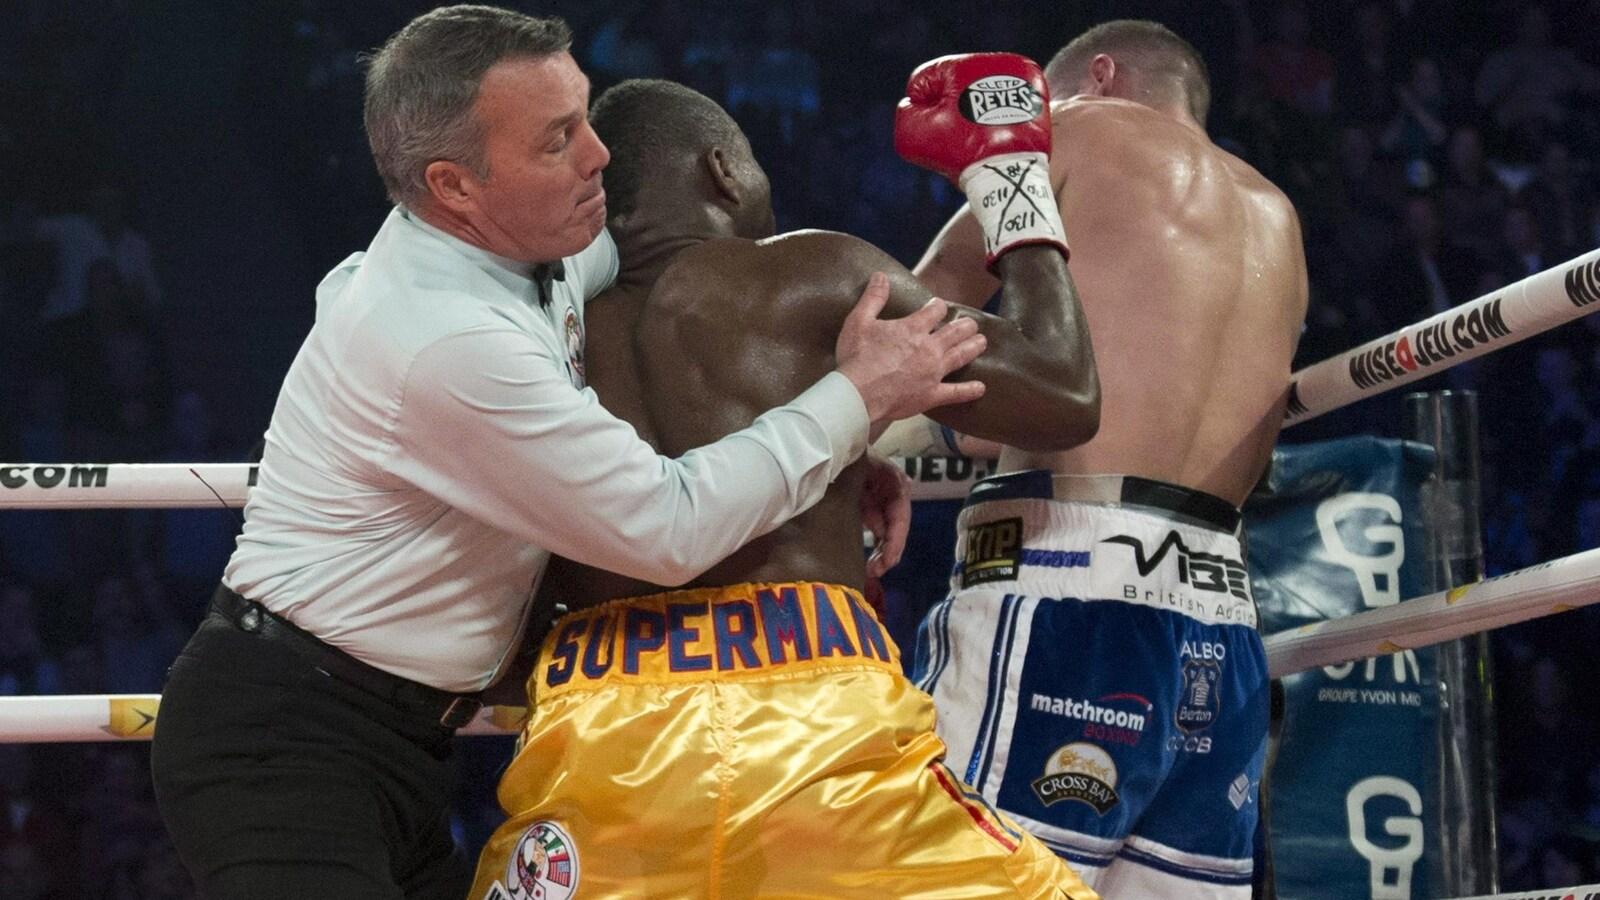 Il empêche Stevenson de lancer un autre coup.